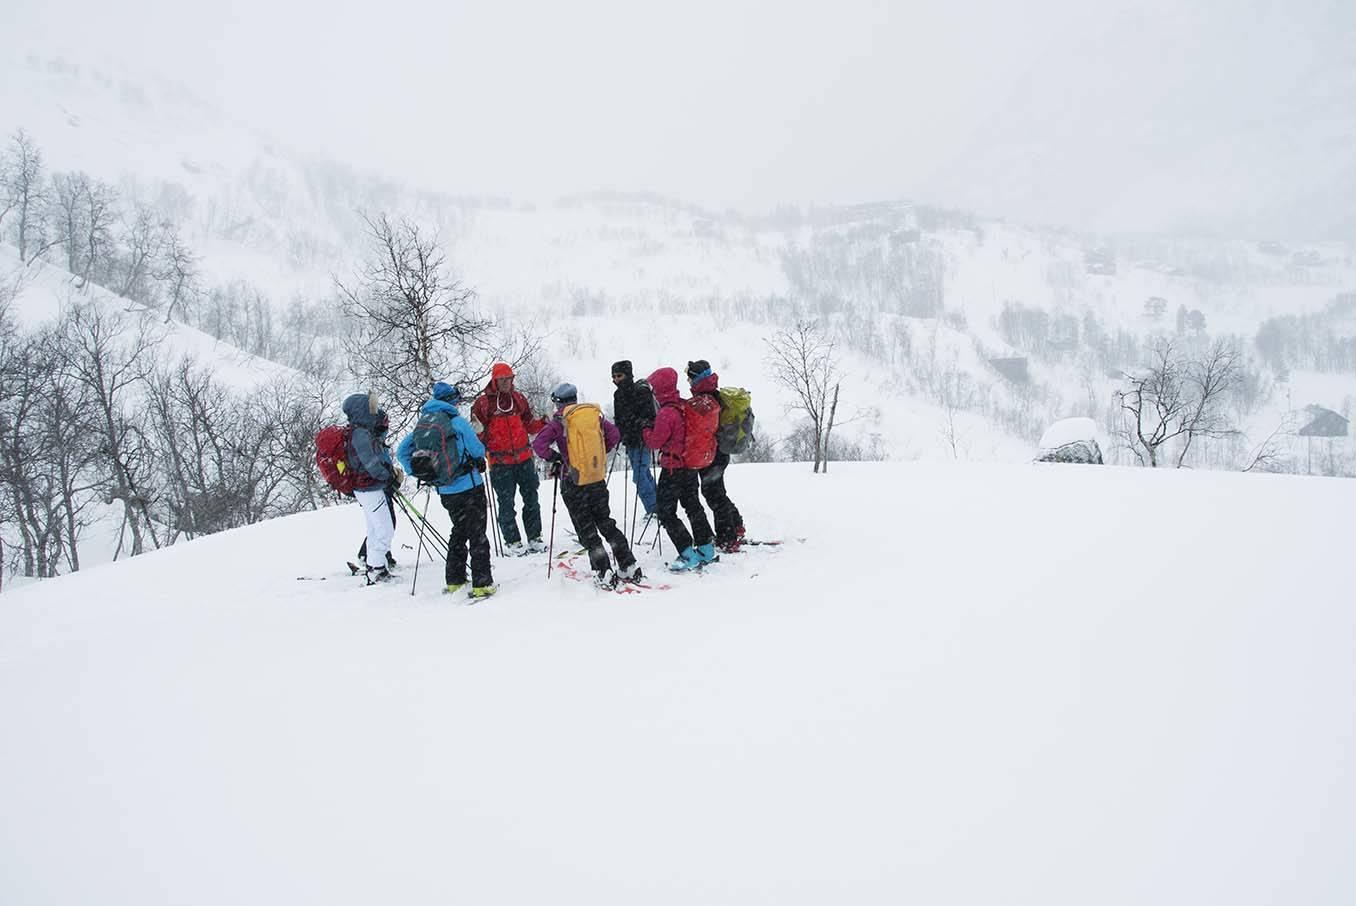 FELLES AVGJØRELSE: Tindevegleder Steinar Hustoft har samlet gruppa for ny vurdering av veien videre. Foto: Gunhild Aaslie Soldal